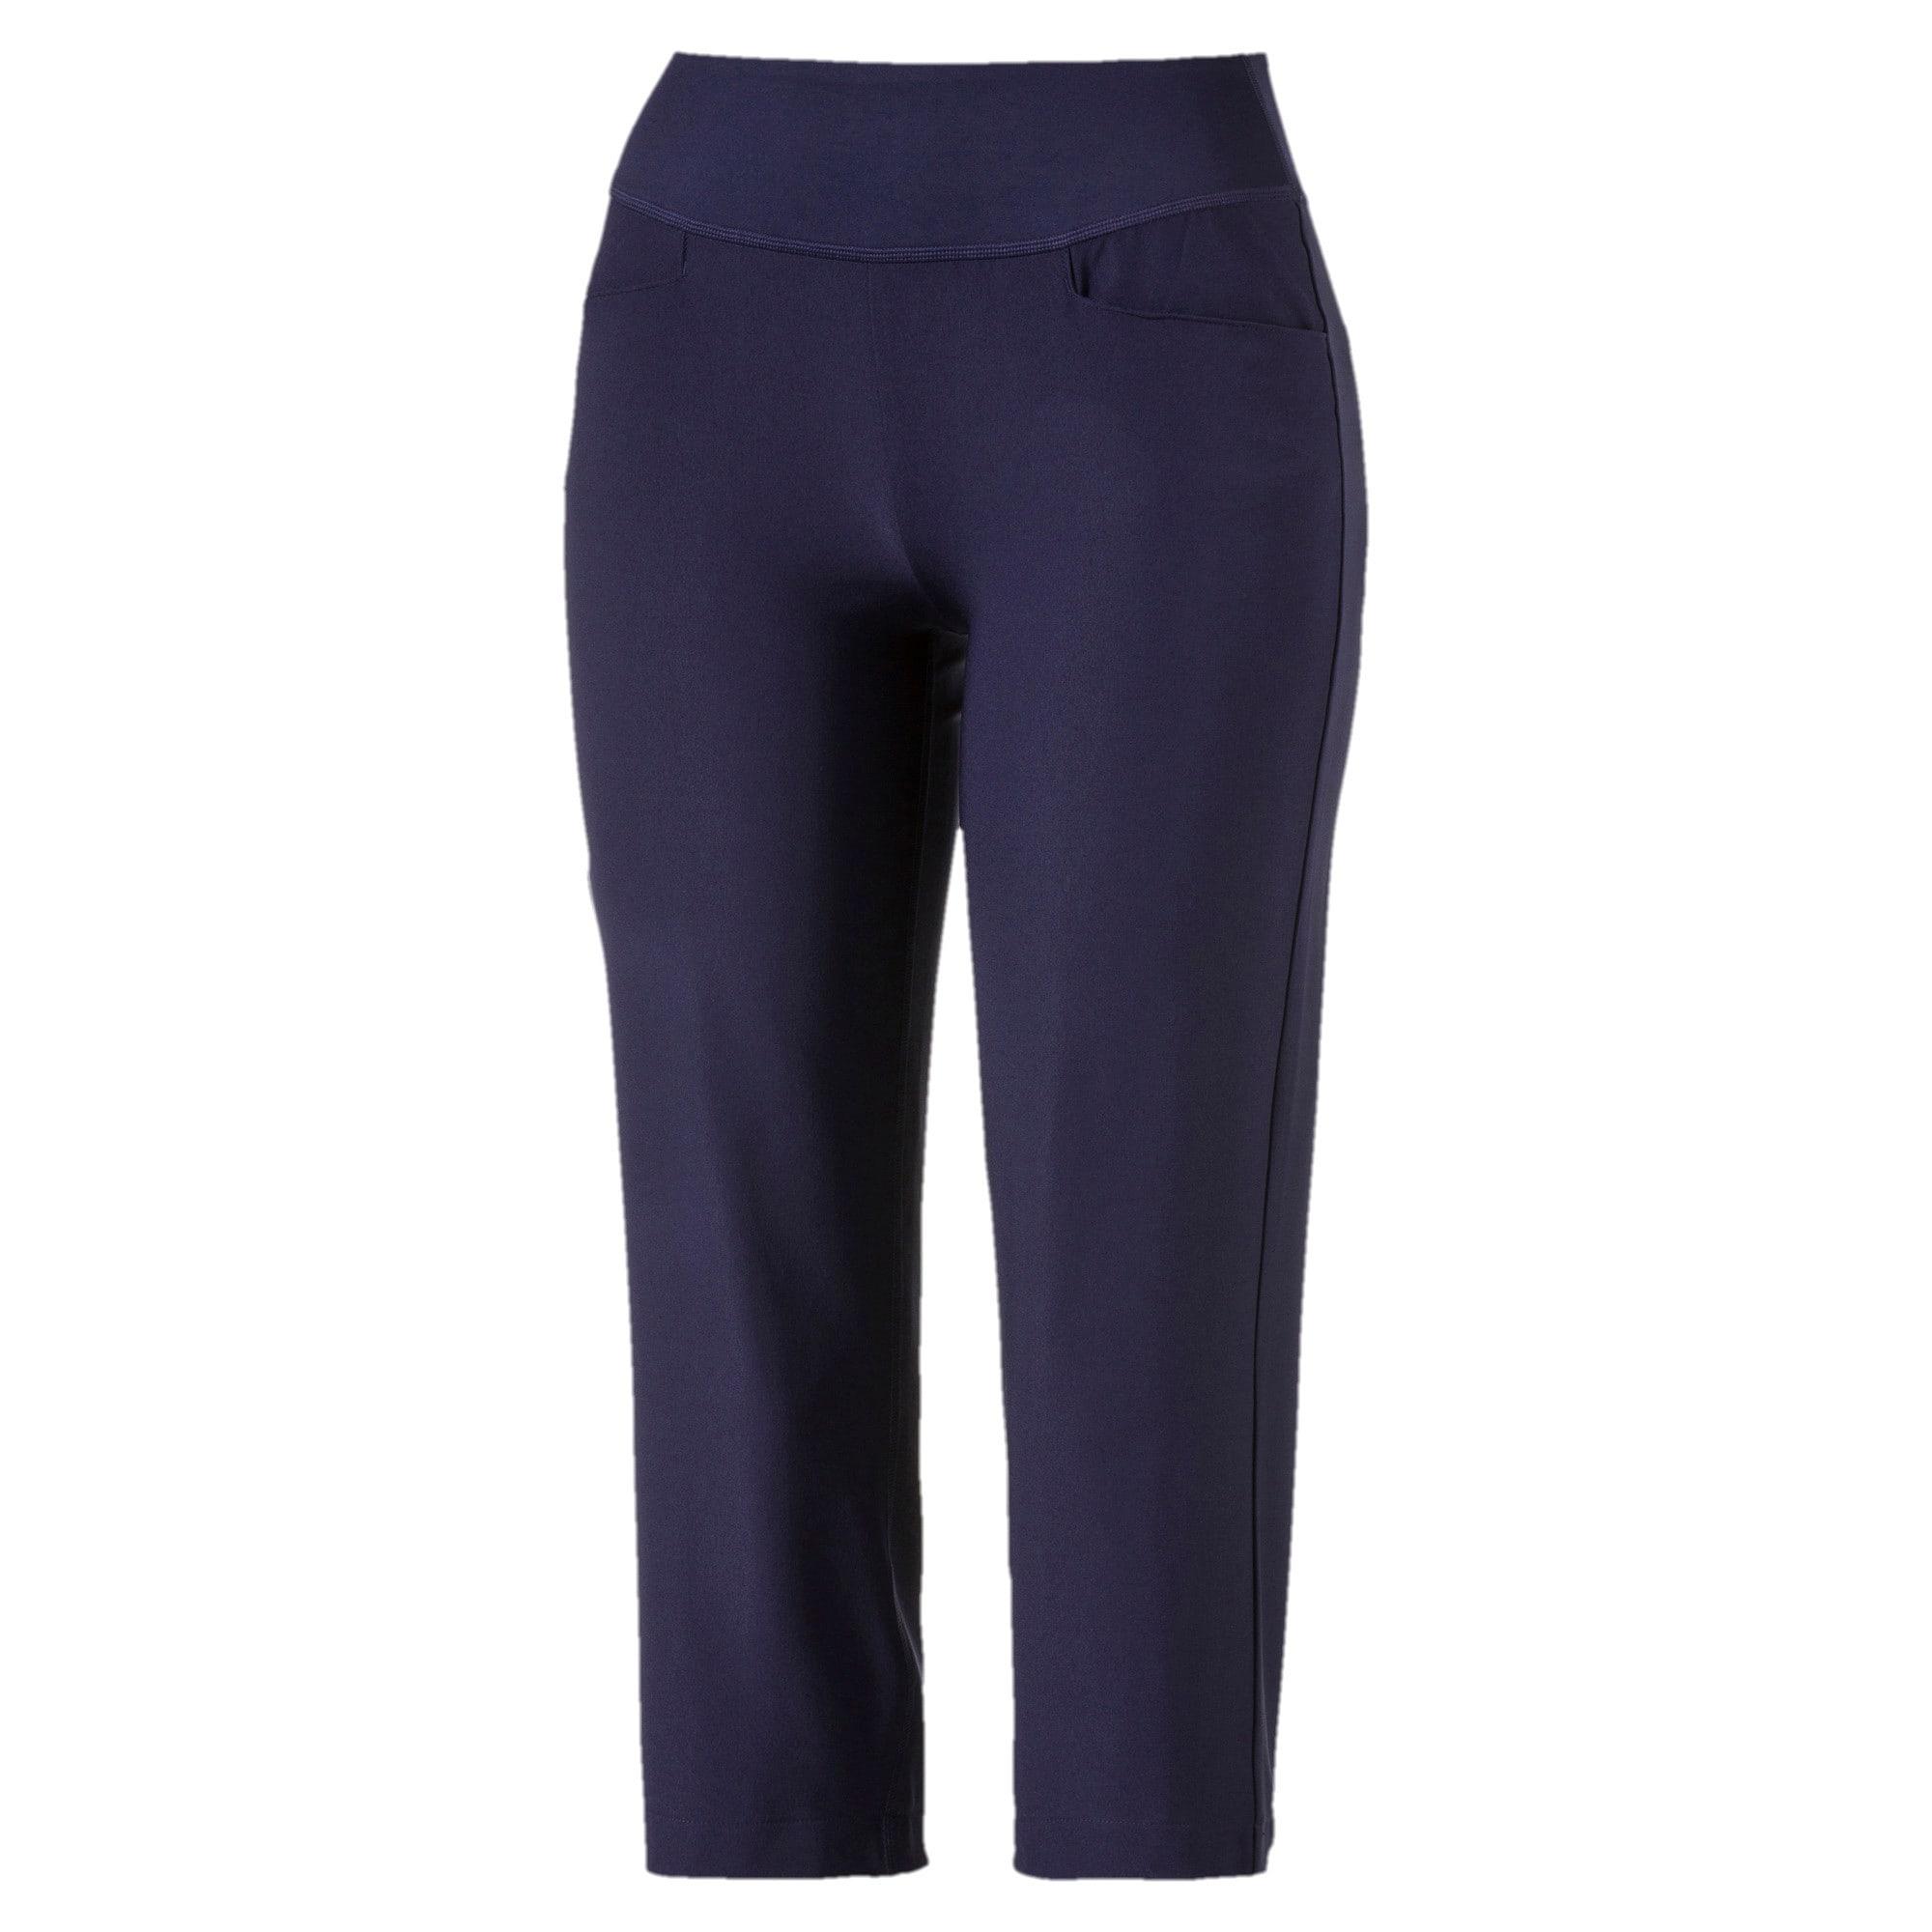 Thumbnail 4 of Golf Women's PWRSHAPE Capri Pants, Peacoat, medium